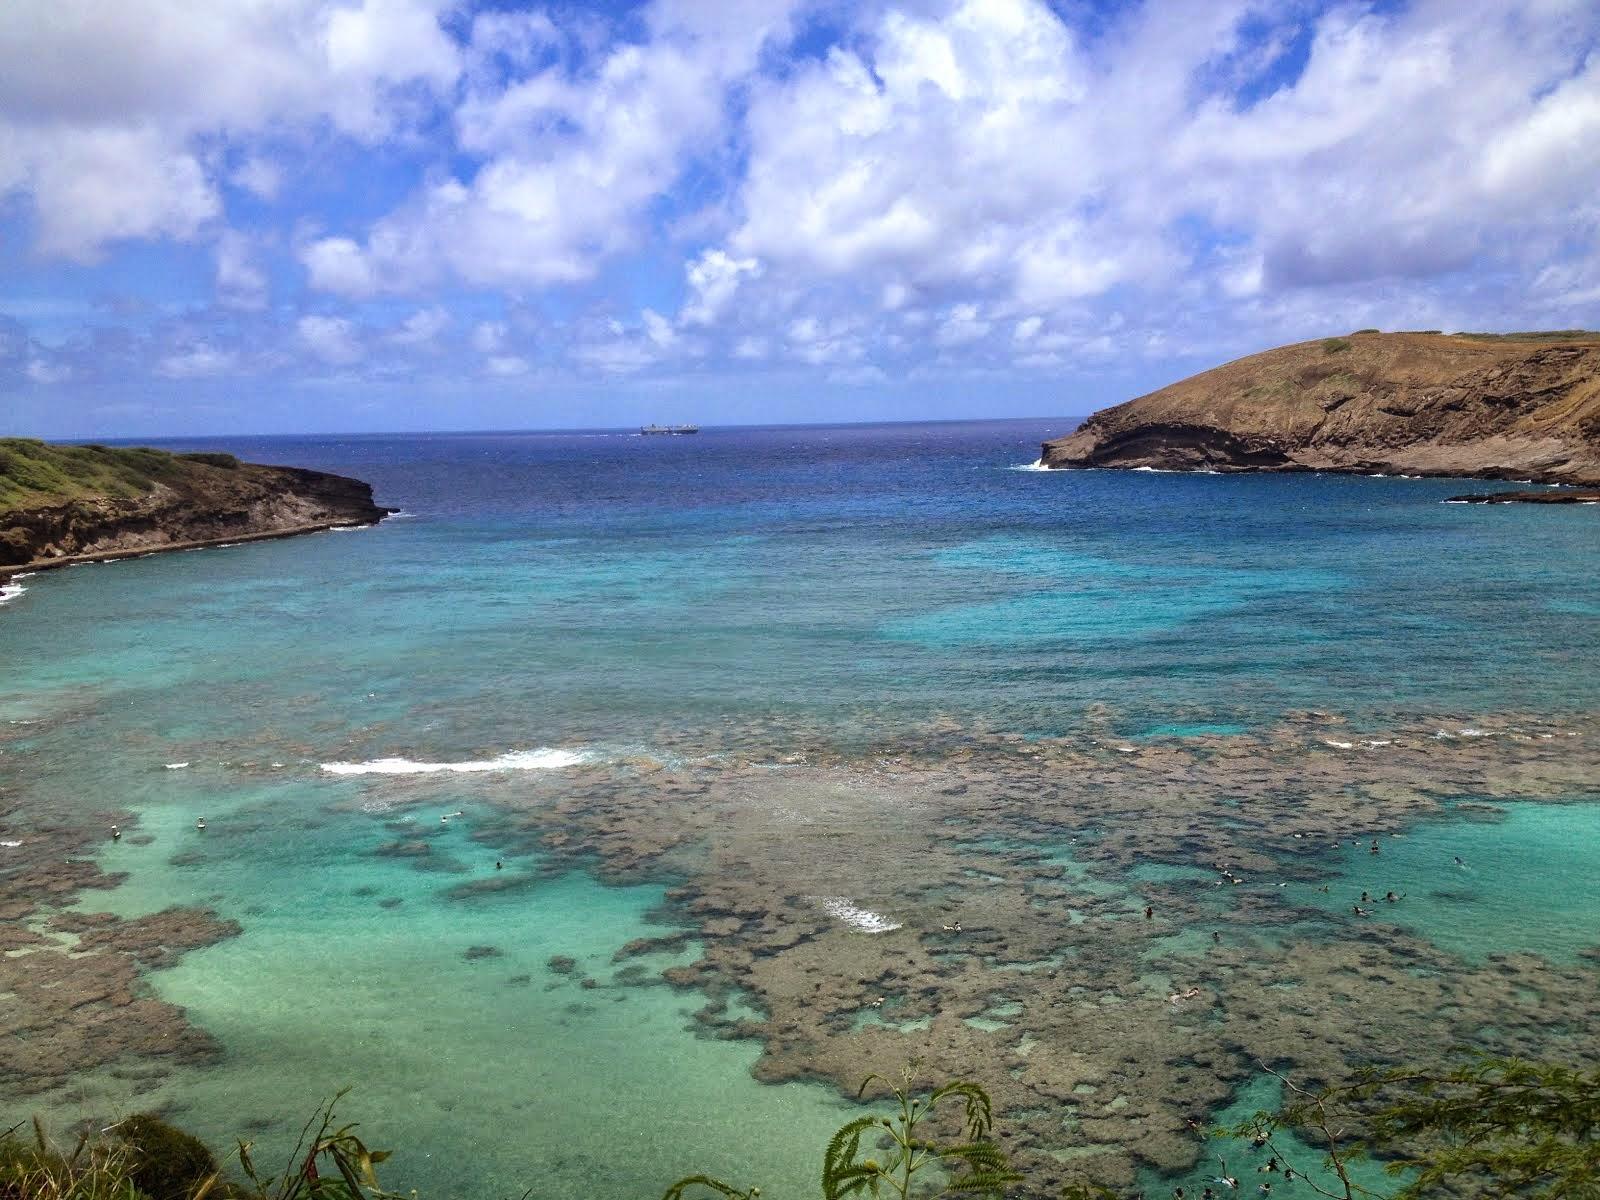 Hanauma Bay, Oahu 2014